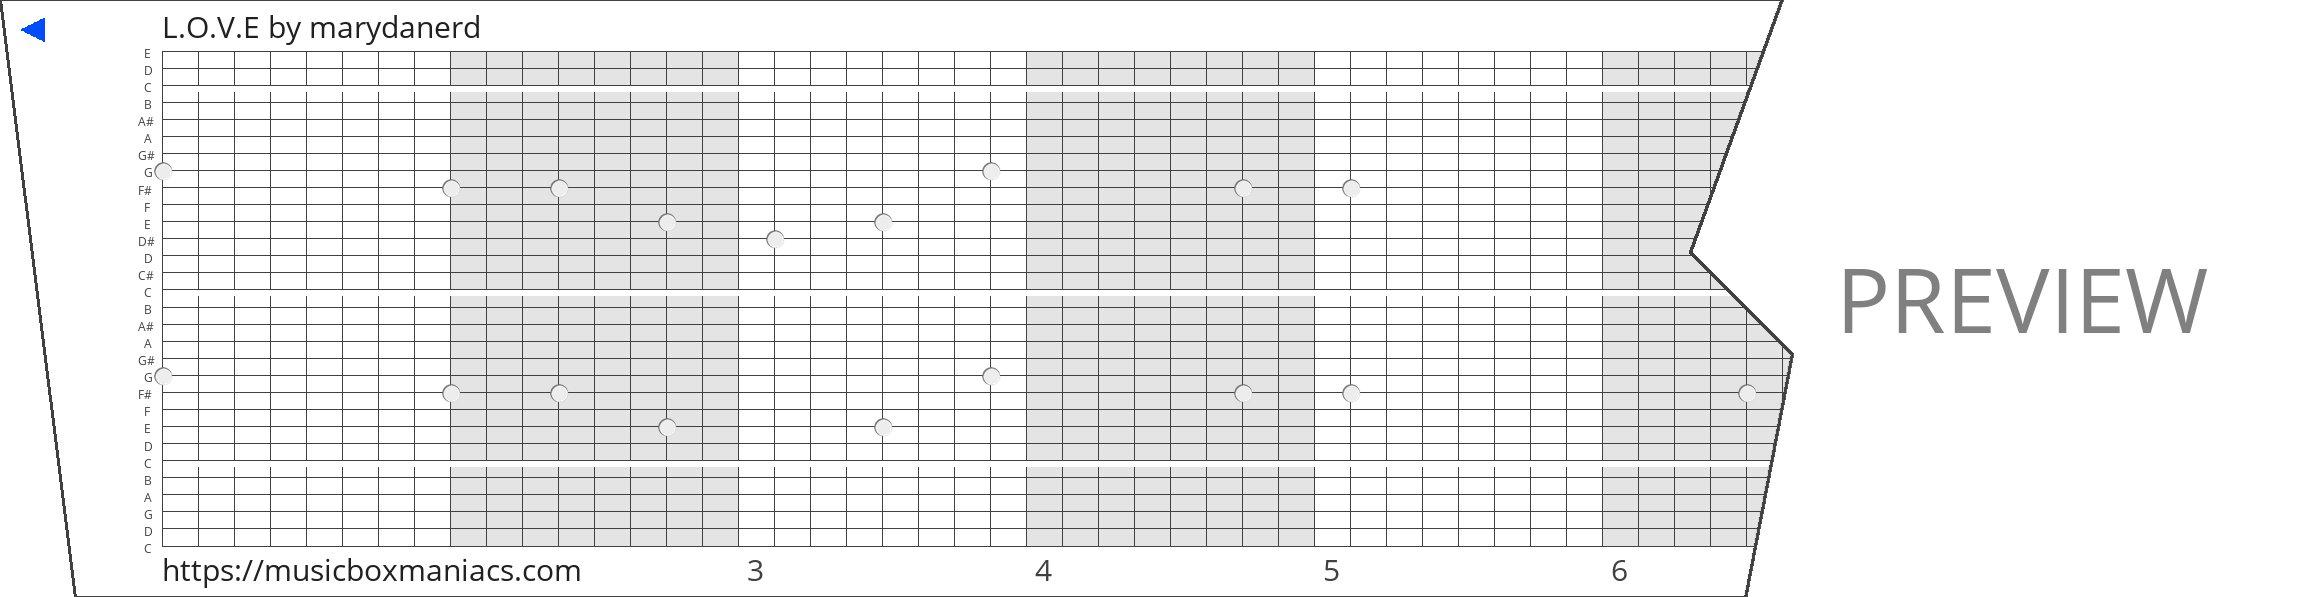 L.O.V.E 30 note music box paper strip